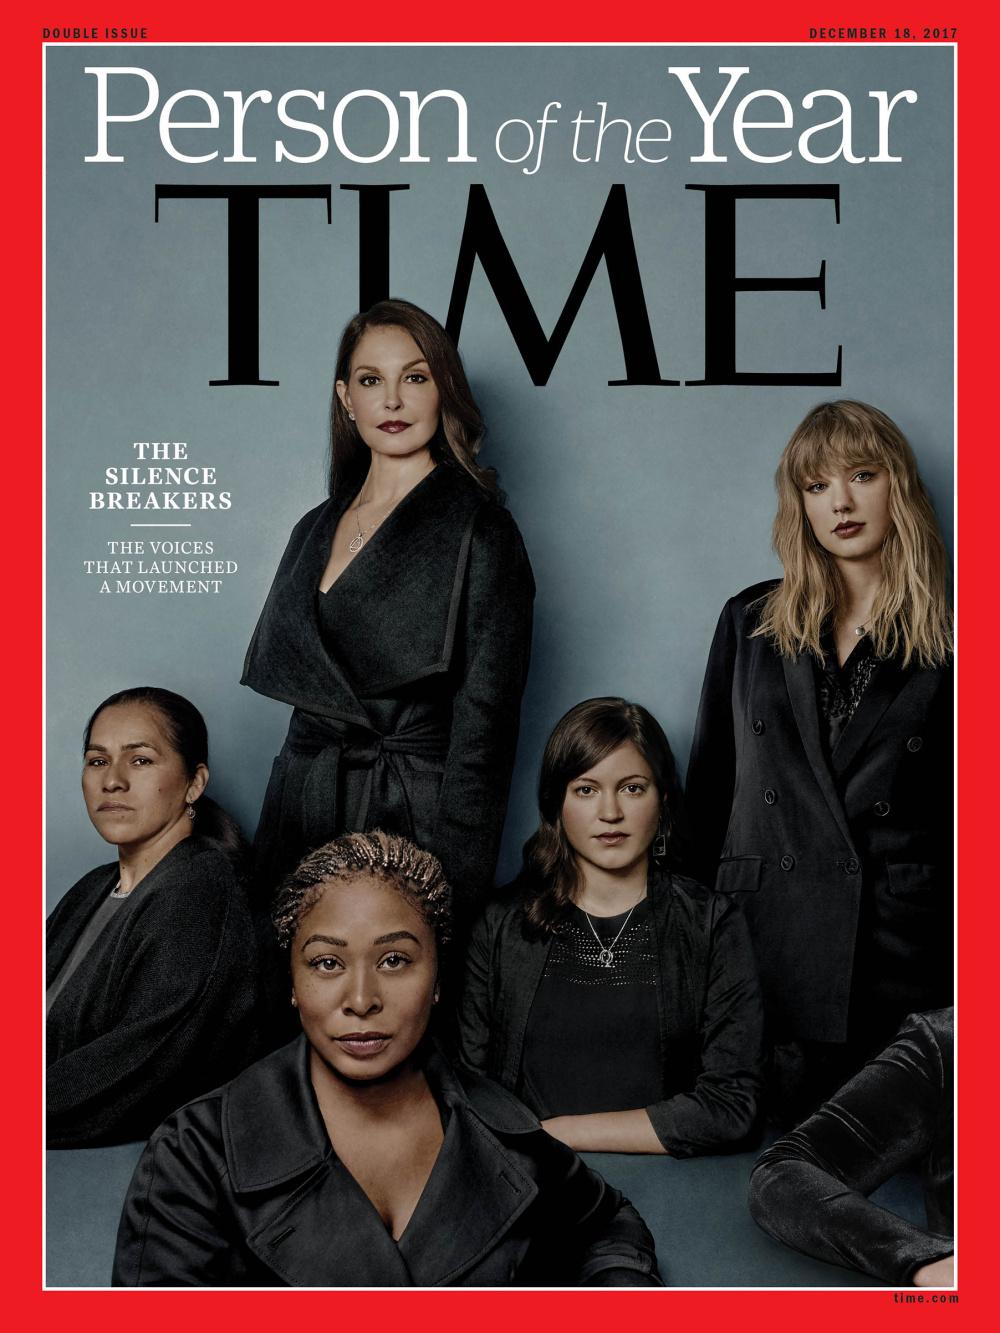 กลุ่มปลดปล่อยตนเองจากการเป็น 'เหยื่อคุกคามทางเพศ' คว้า 'บุคคลแห่งปี 2017' จาก นิตยสาร Time